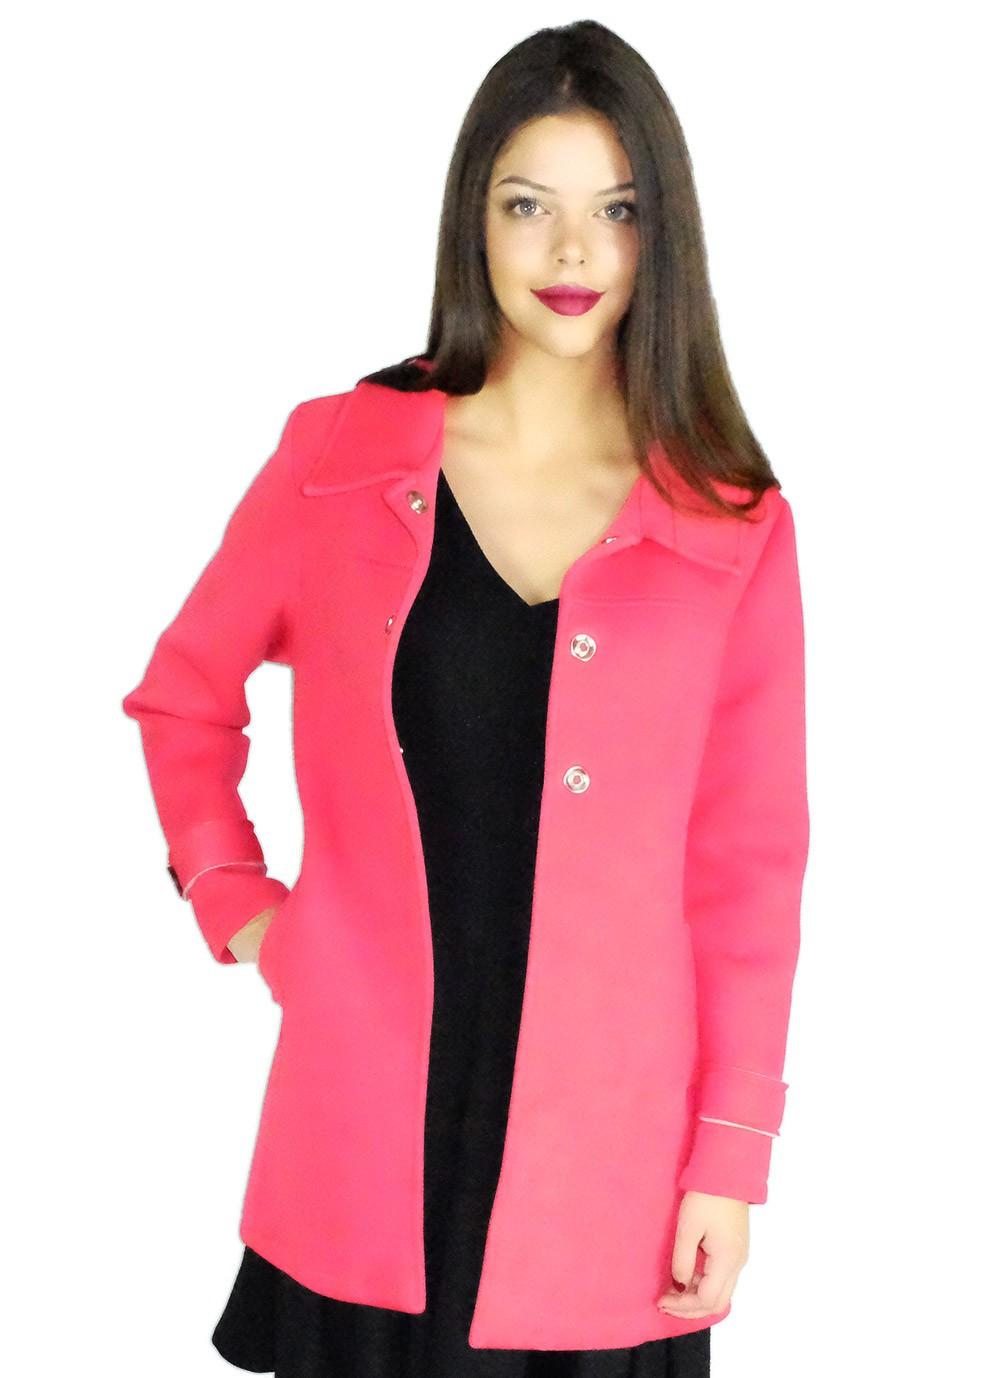 Préférence Vêtements made in Italy Femme en ligne - fraterline EY03